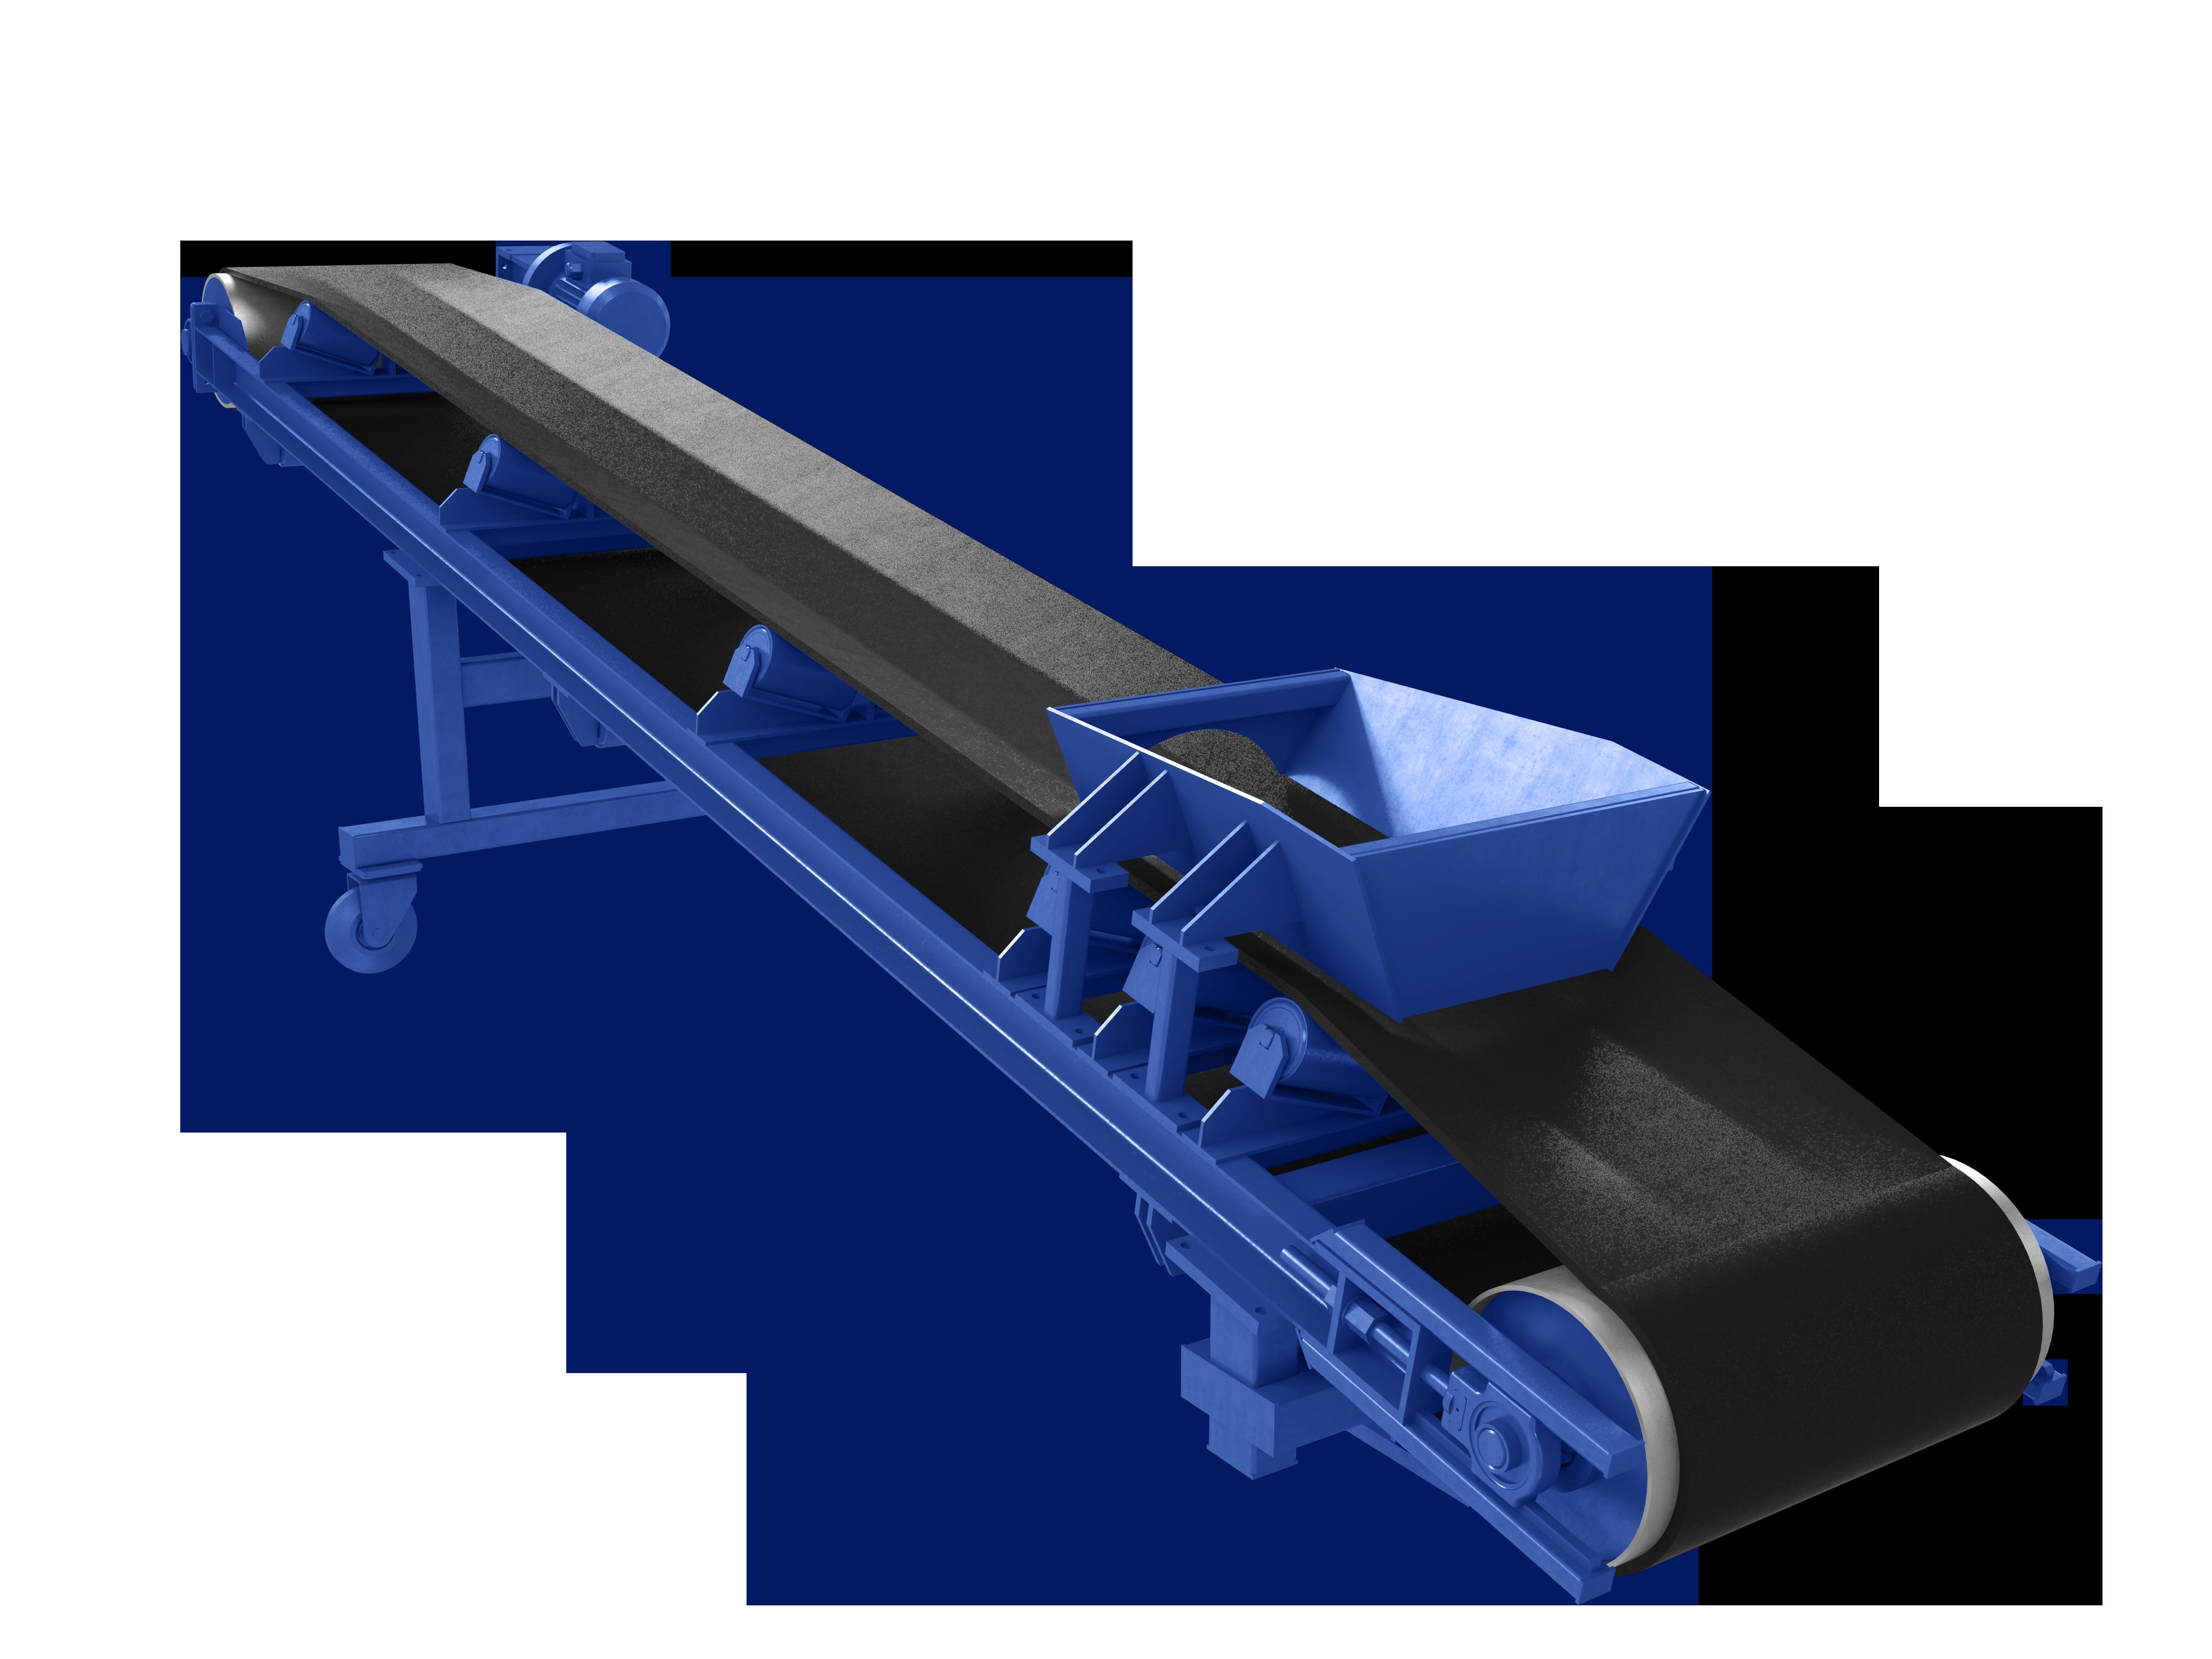 Конвейер для подачи тележек конвейеры пластинчатые общего назначения